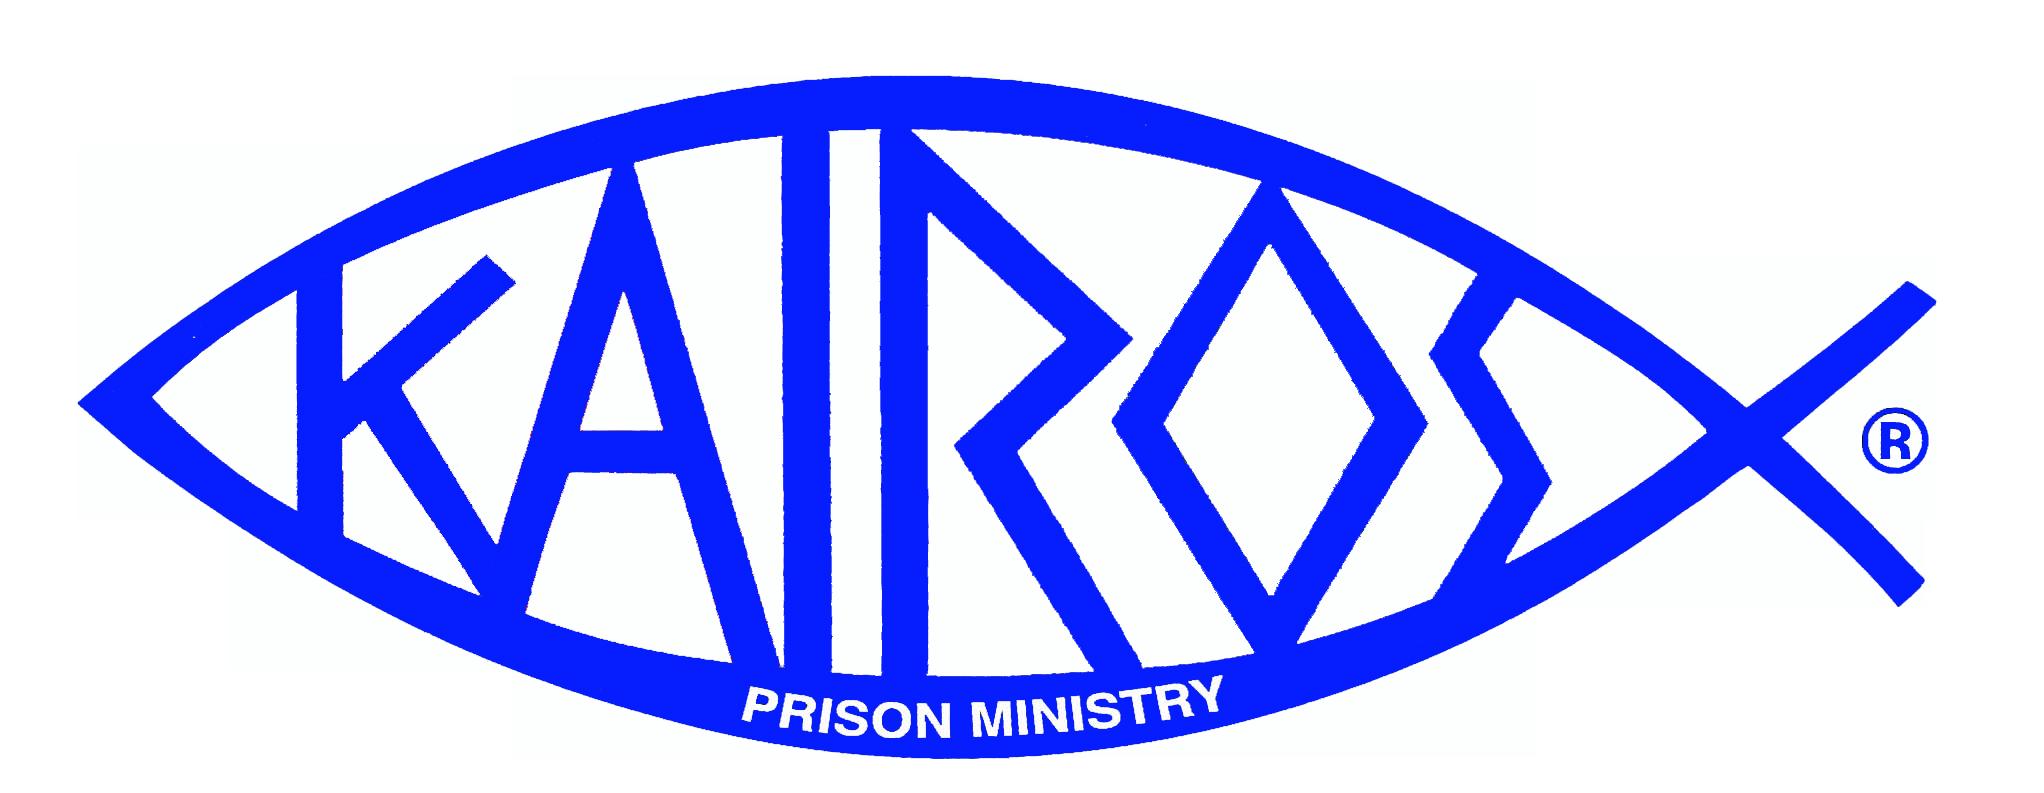 Kairos_logo.png